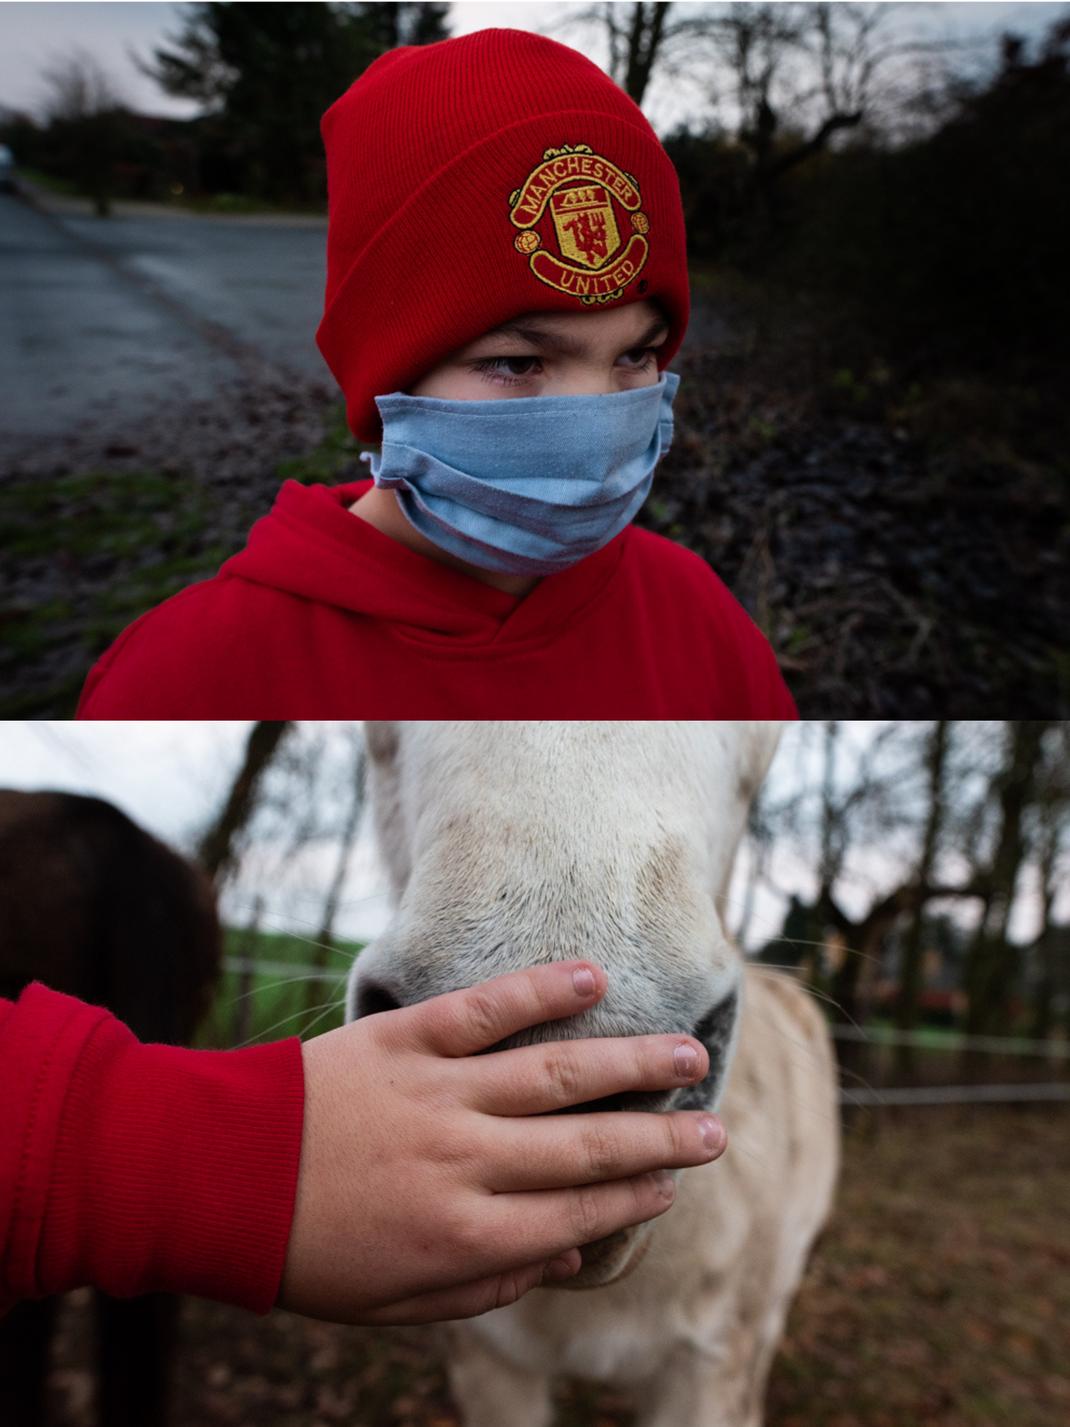 Diptych mit Junge der eine Covid Maske trägt und einer Kinderhand die eine Pferdenüster streichelt